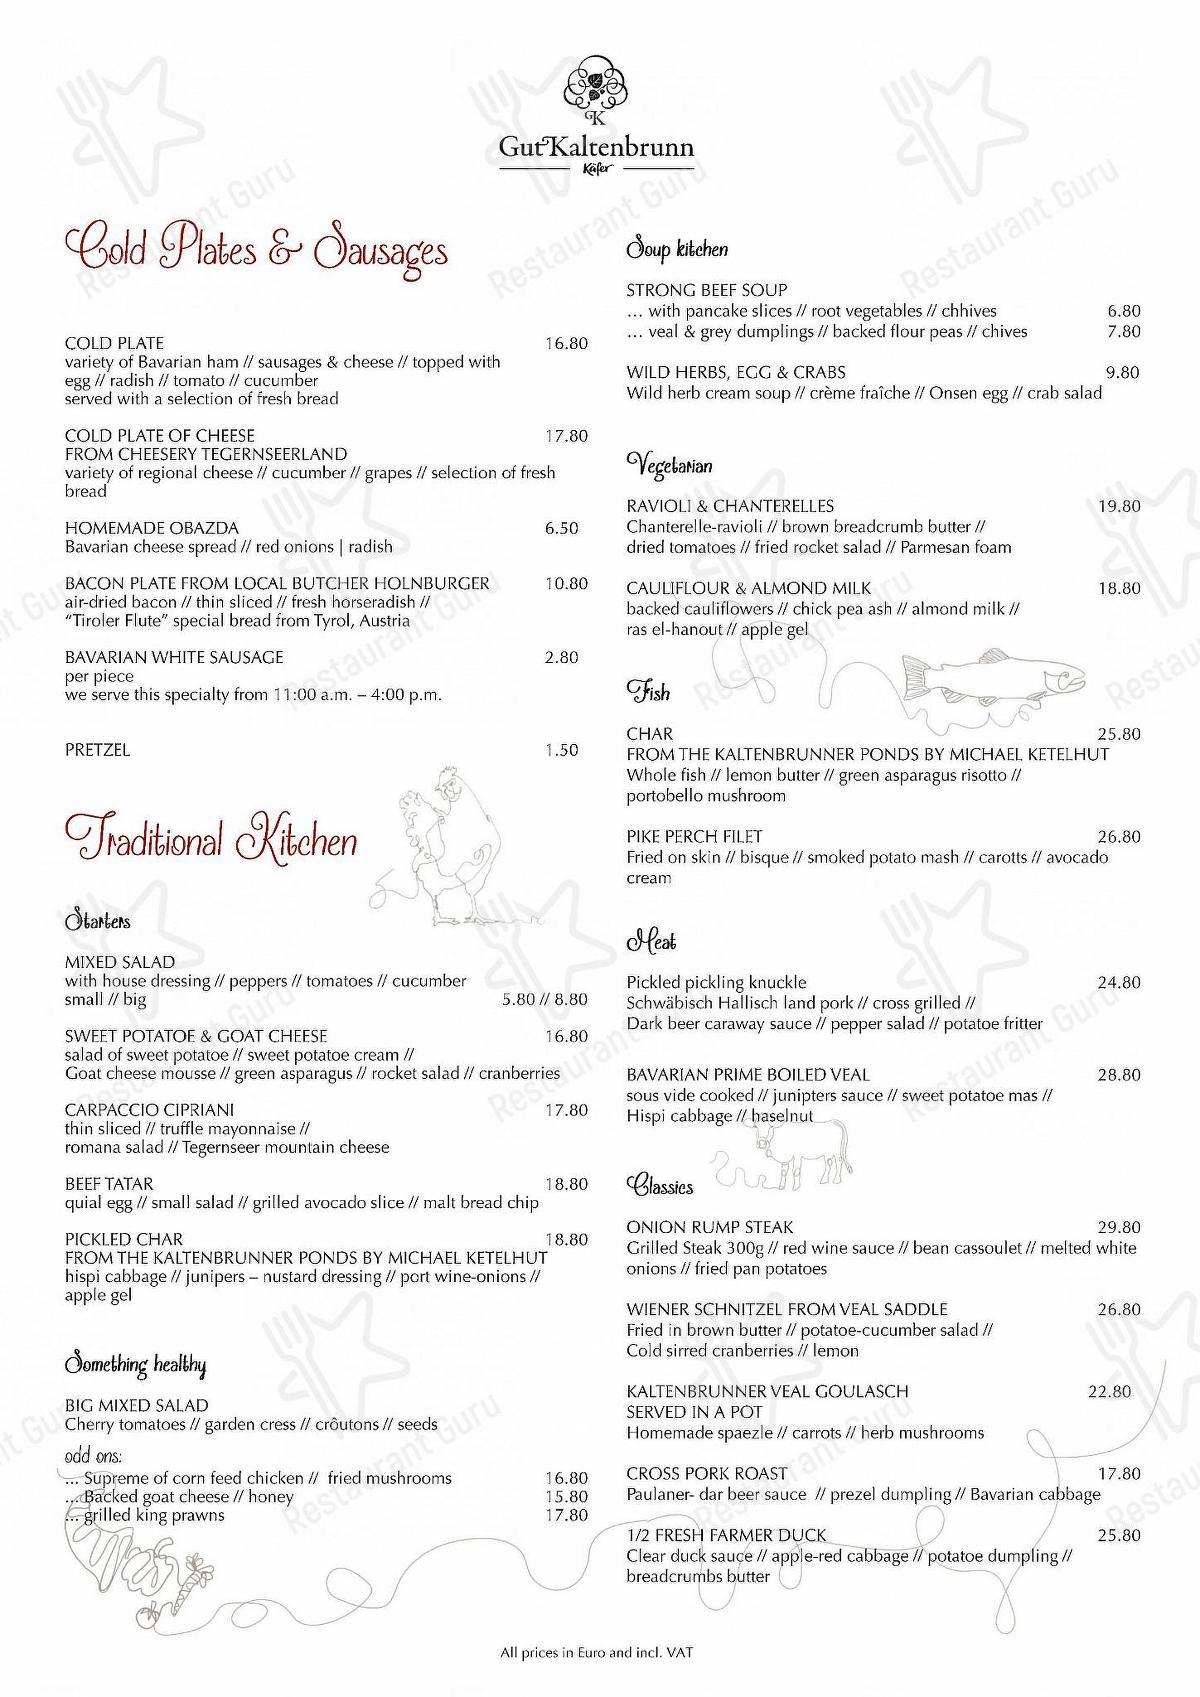 Käfer Gut Kaltenbrunn Speisekarte - Gerichte und Getränke